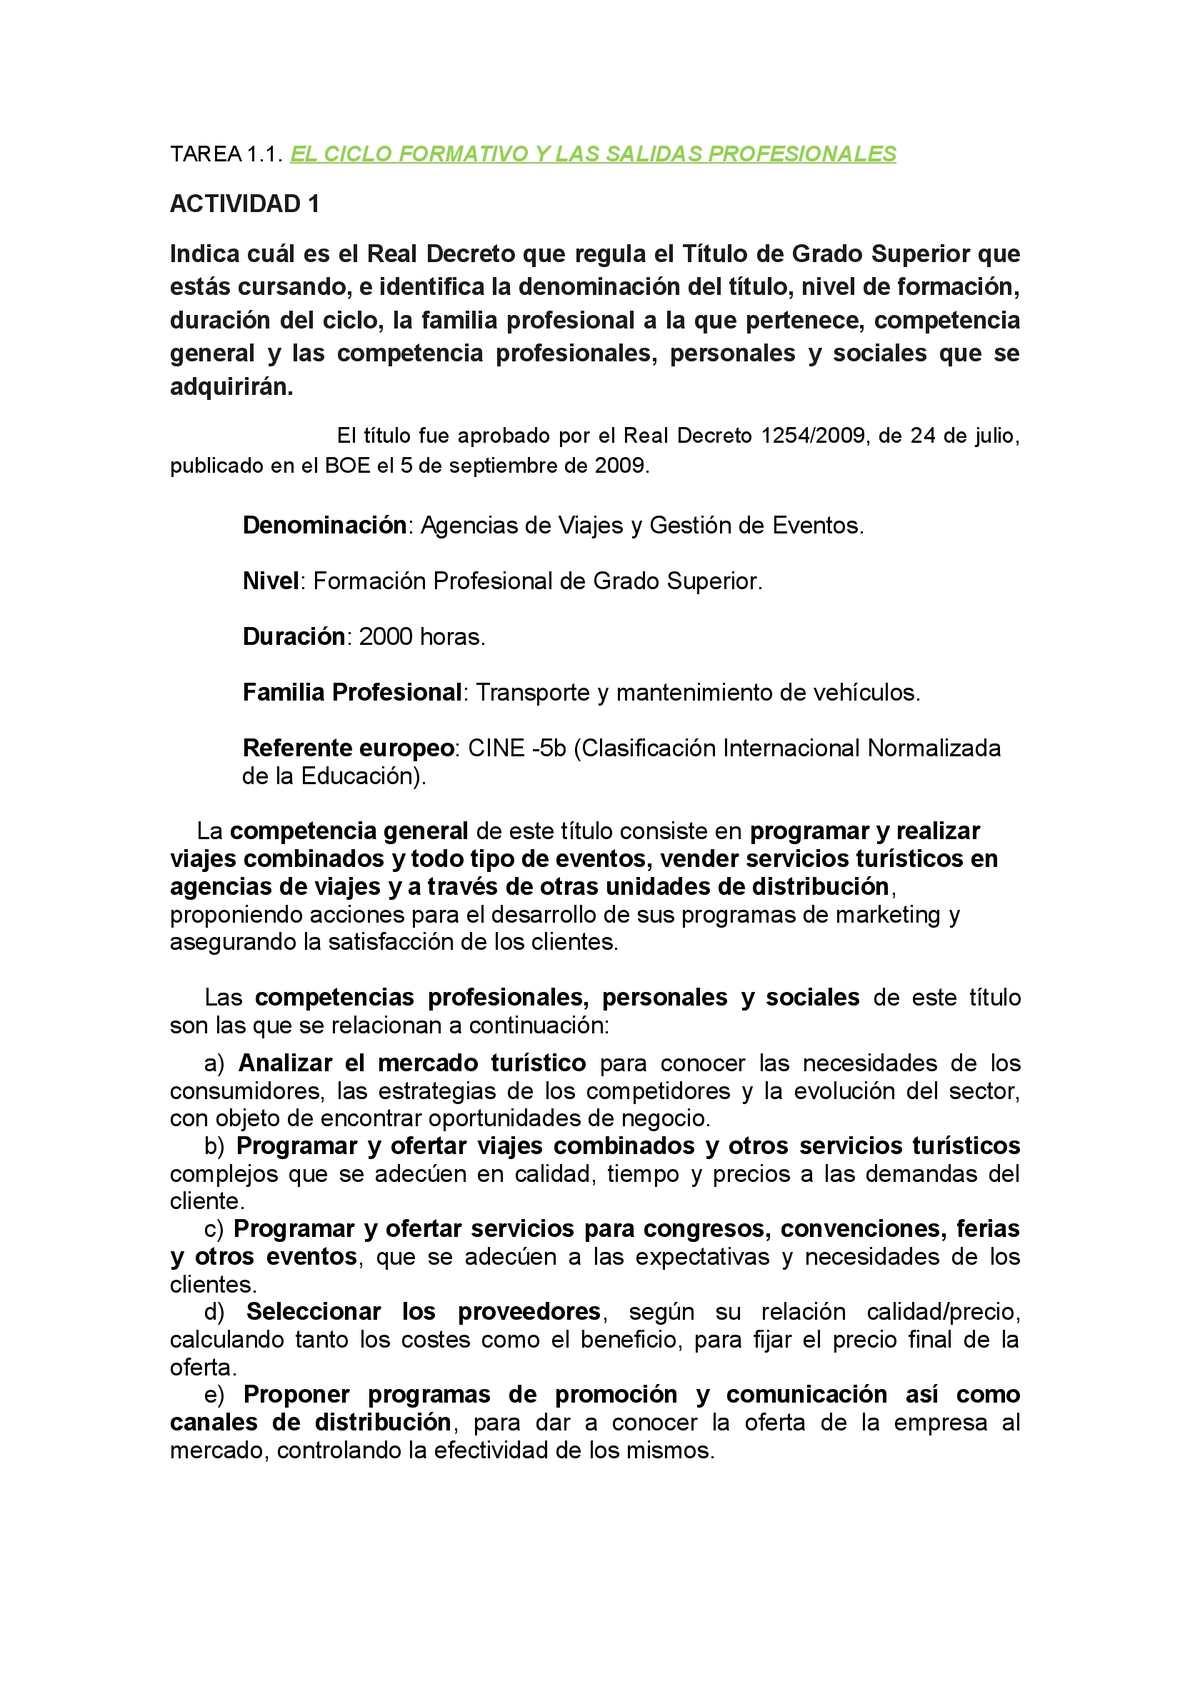 Calaméo El Ciclo Formativo Y Las Salidas Profesionales